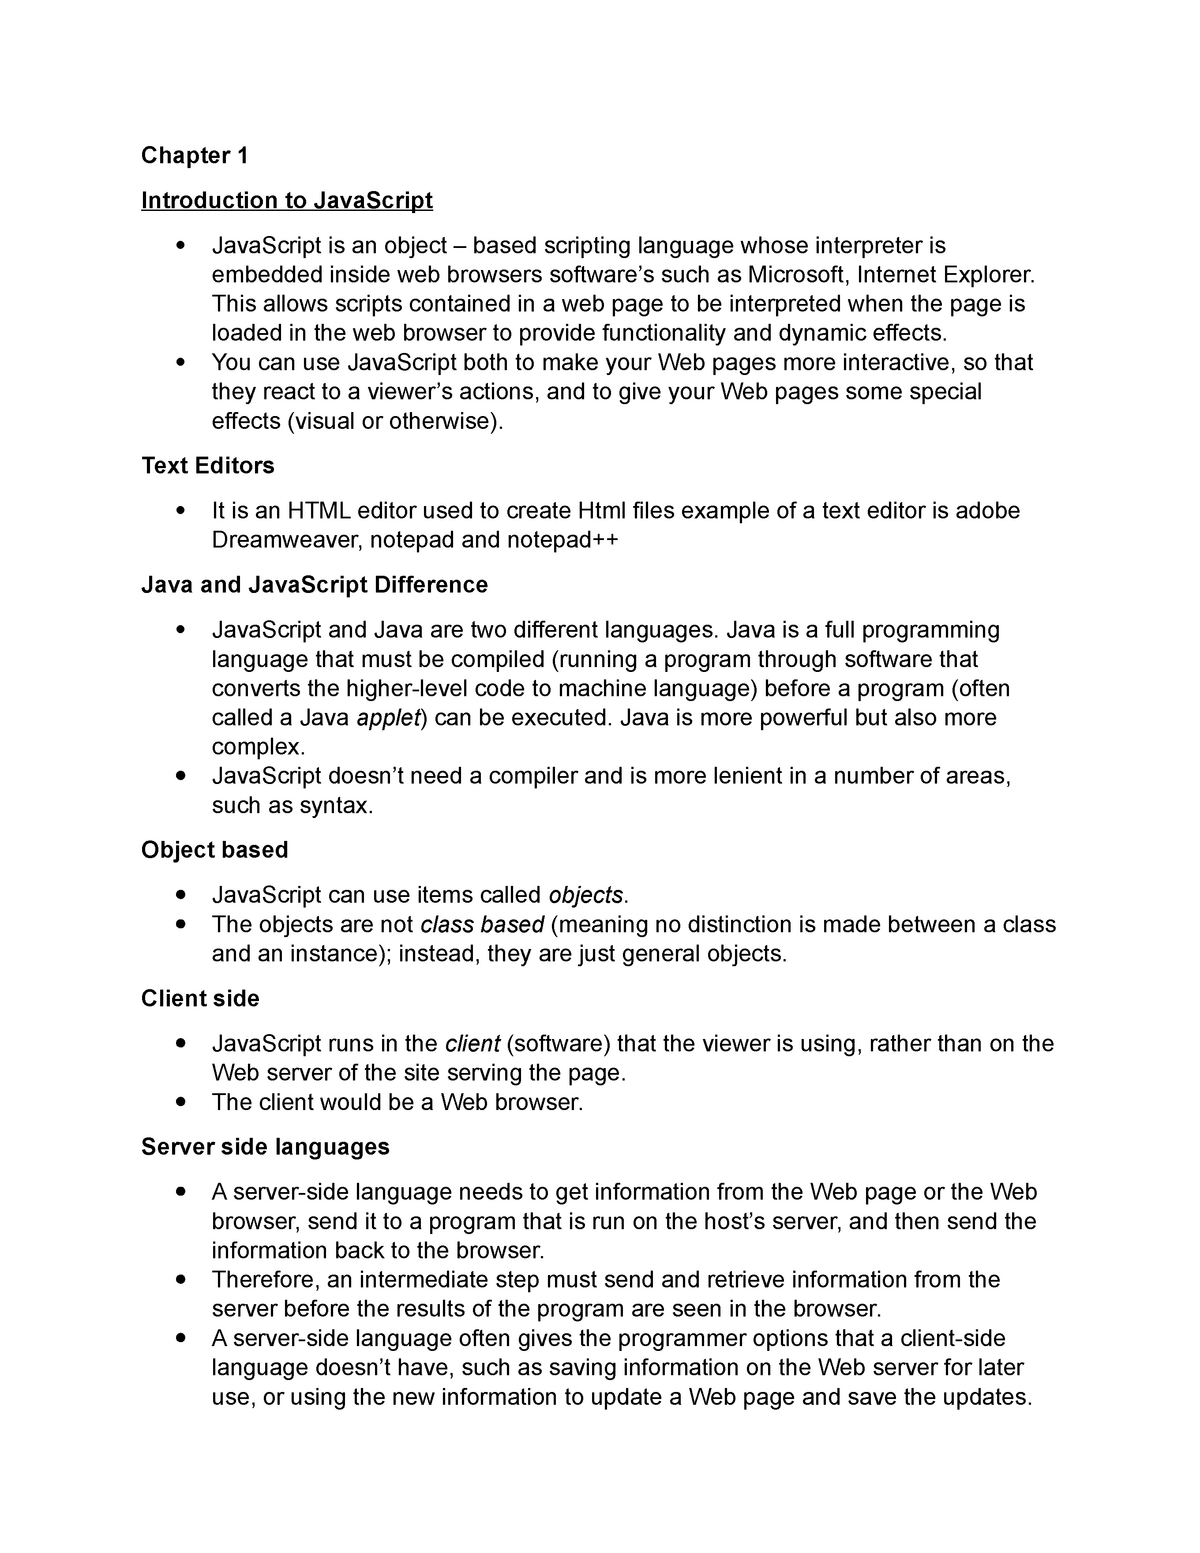 Web development D p notes - Web Design and DTP - StuDocu